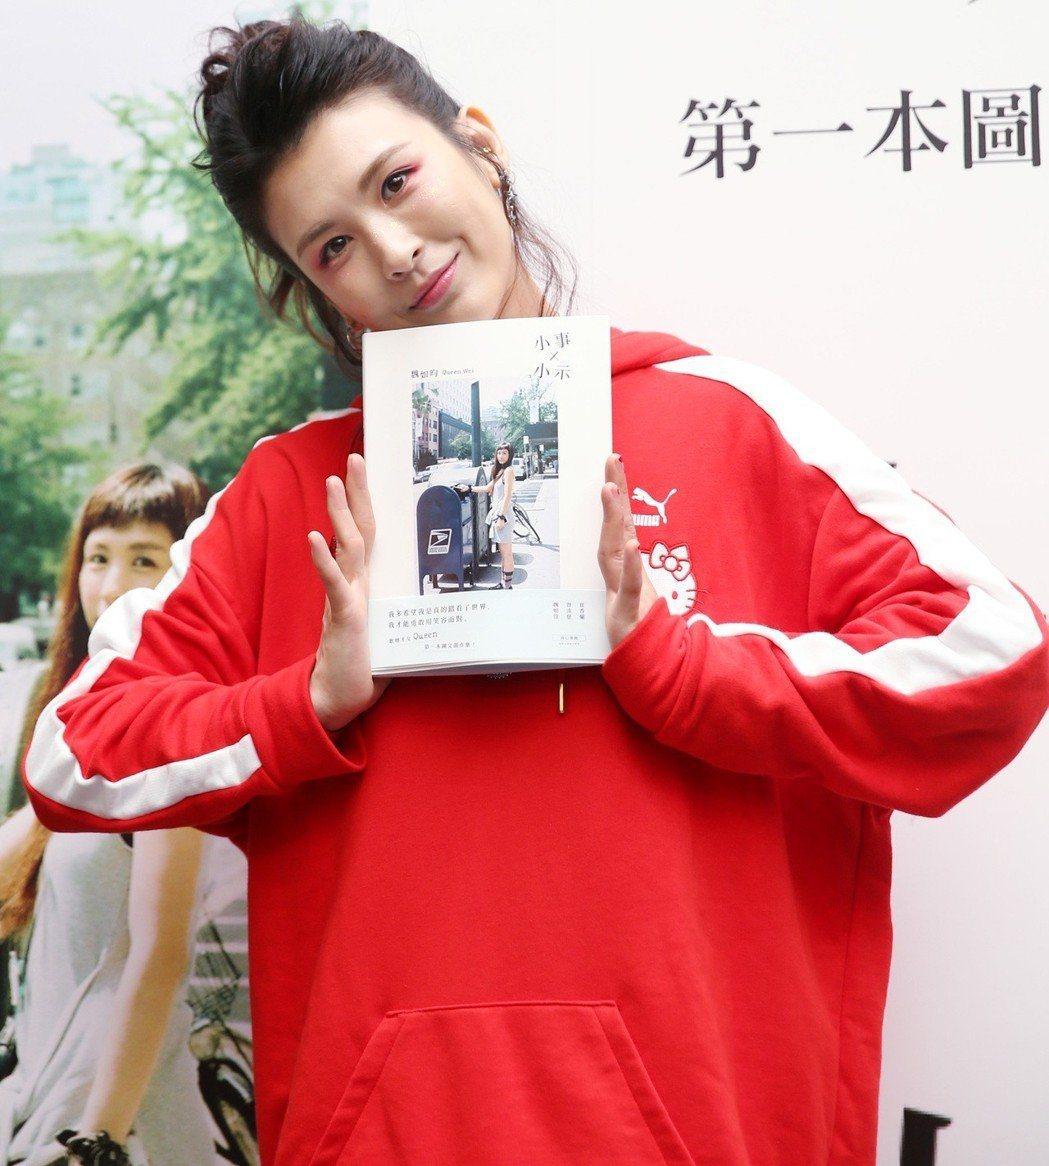 魏如昀出版第一本新書「小事x小示」。記者侯永全/攝影